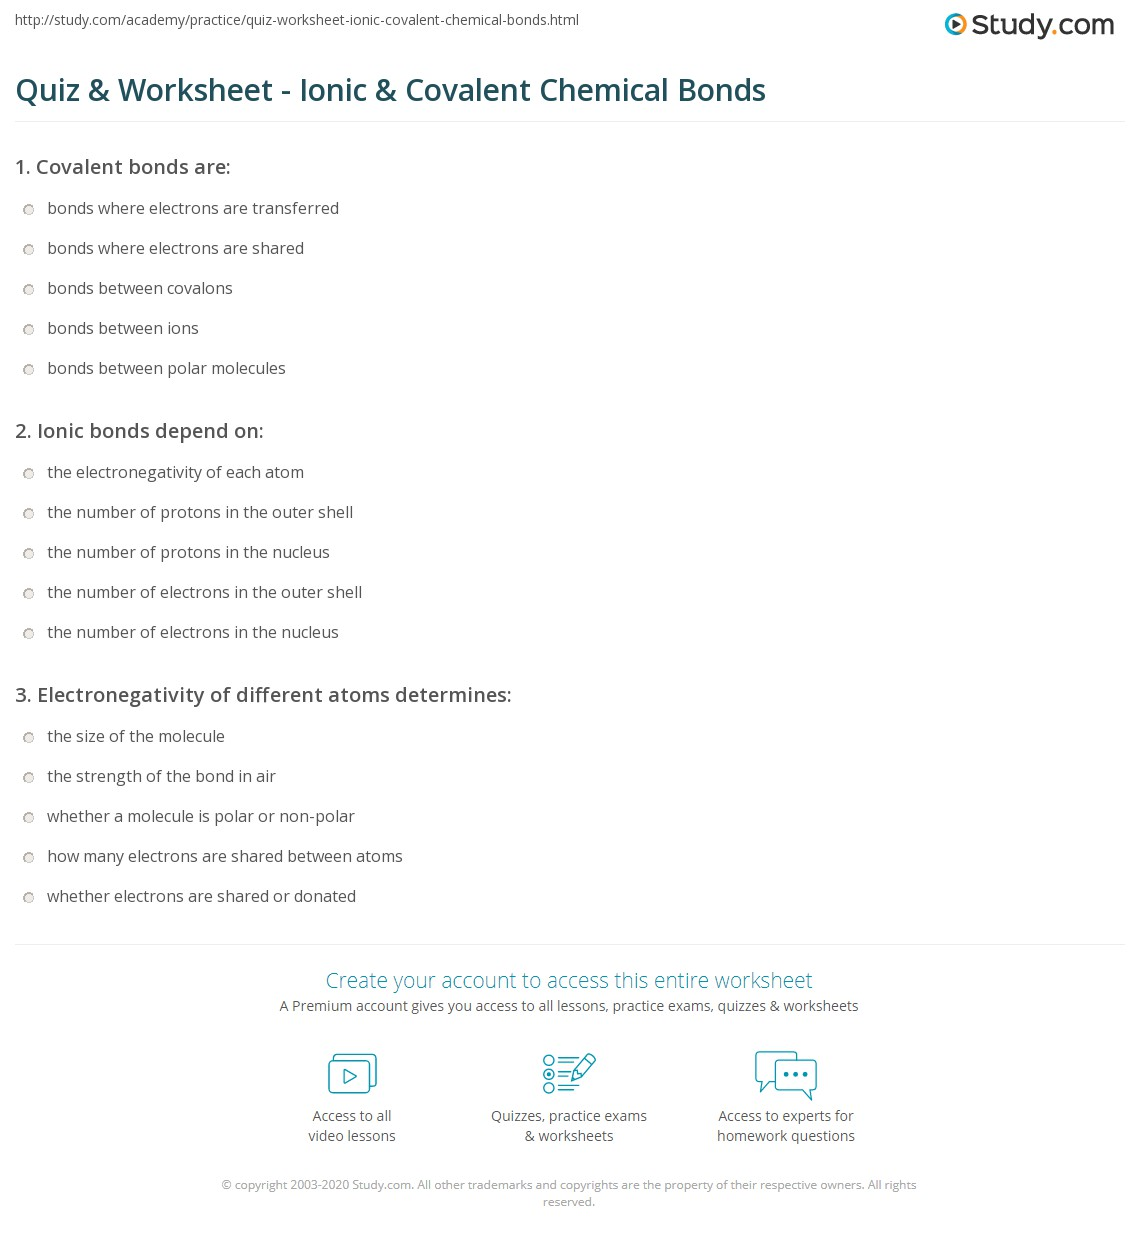 hight resolution of Quiz \u0026 Worksheet - Ionic \u0026 Covalent Chemical Bonds   Study.com